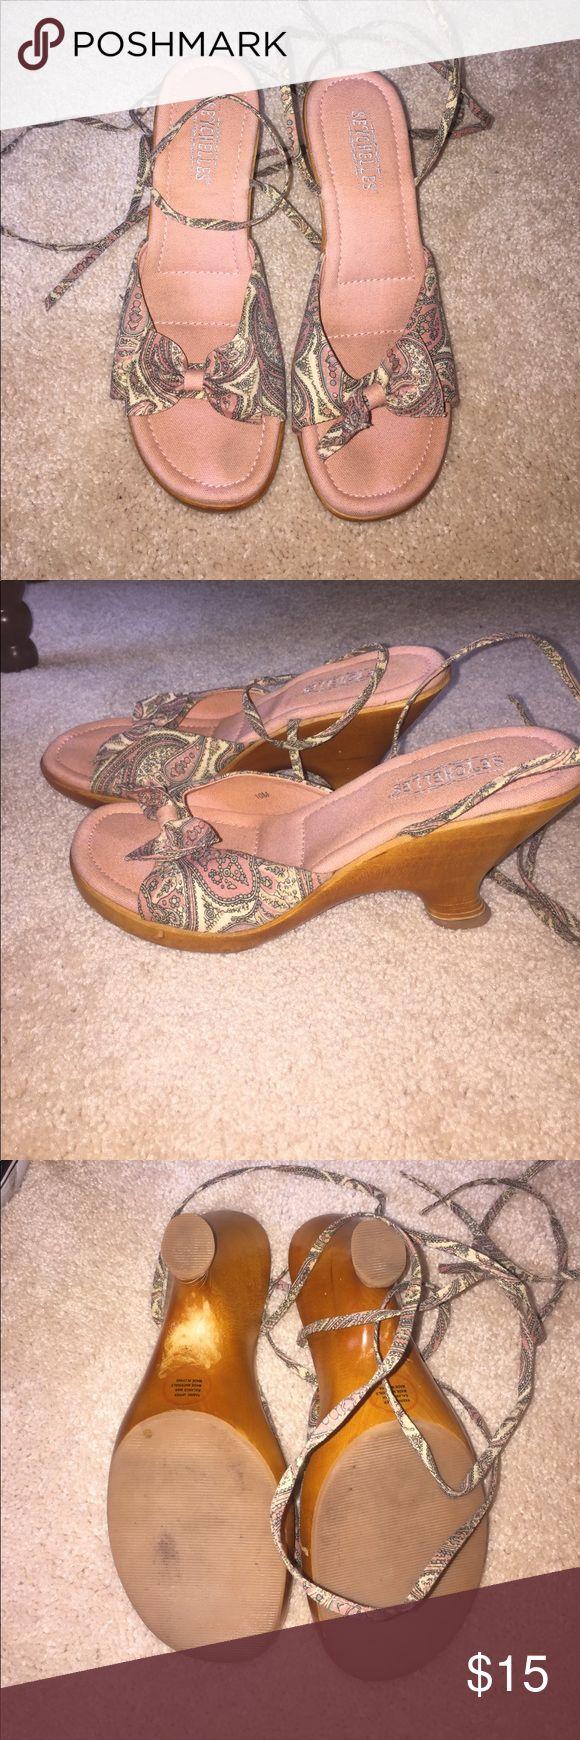 Vintage Seychelles shoes Lace up Seychelles shoes.  Size 10. Vintage Seychelles Shoes Platforms